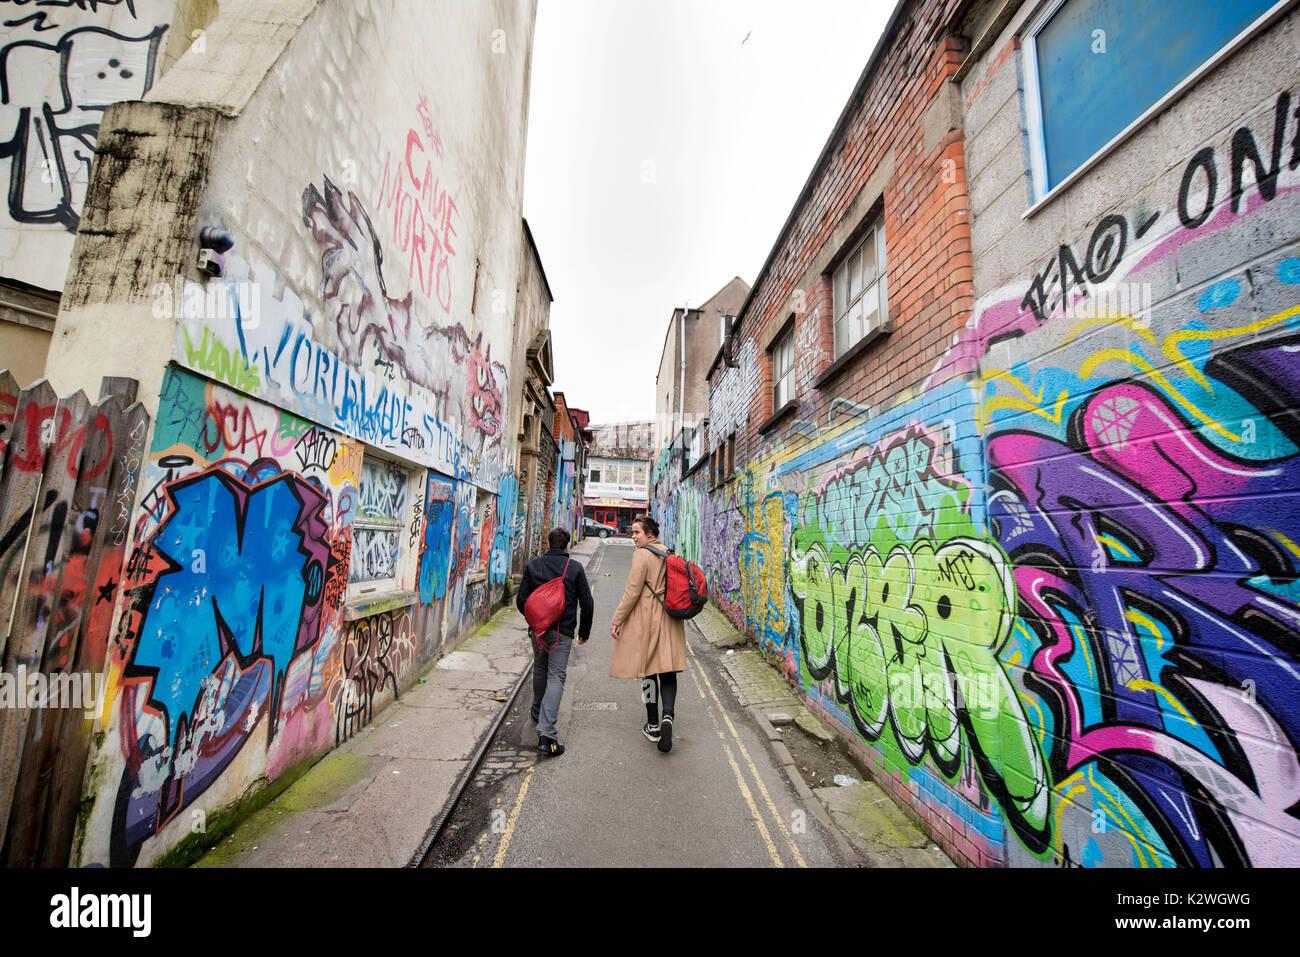 Graffiti in Hepburn Rd in Stokes Croft, Bristol UK - Stock Image